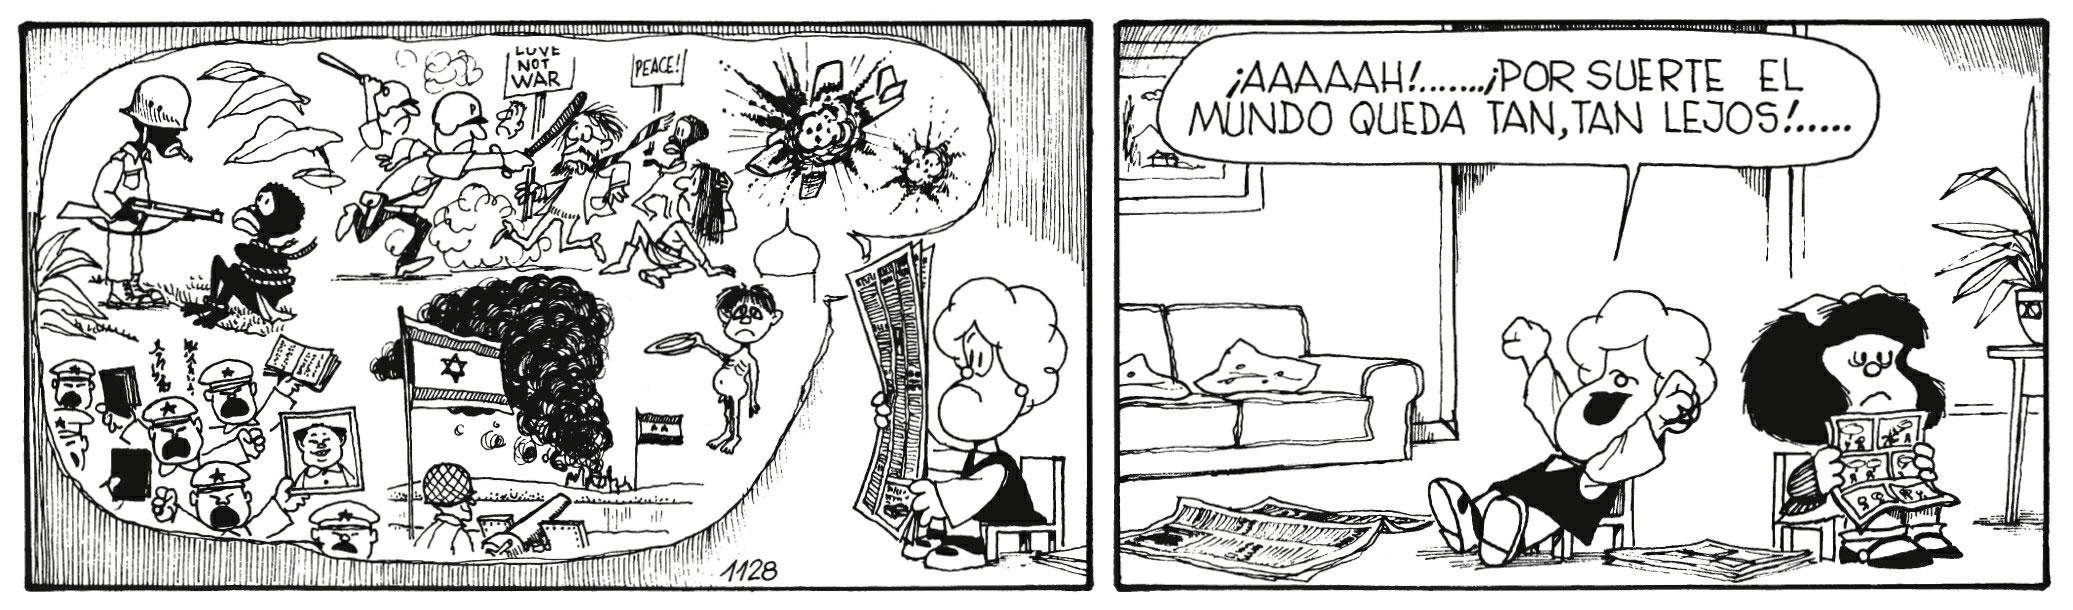 Gentileza: Editorial De la Flor